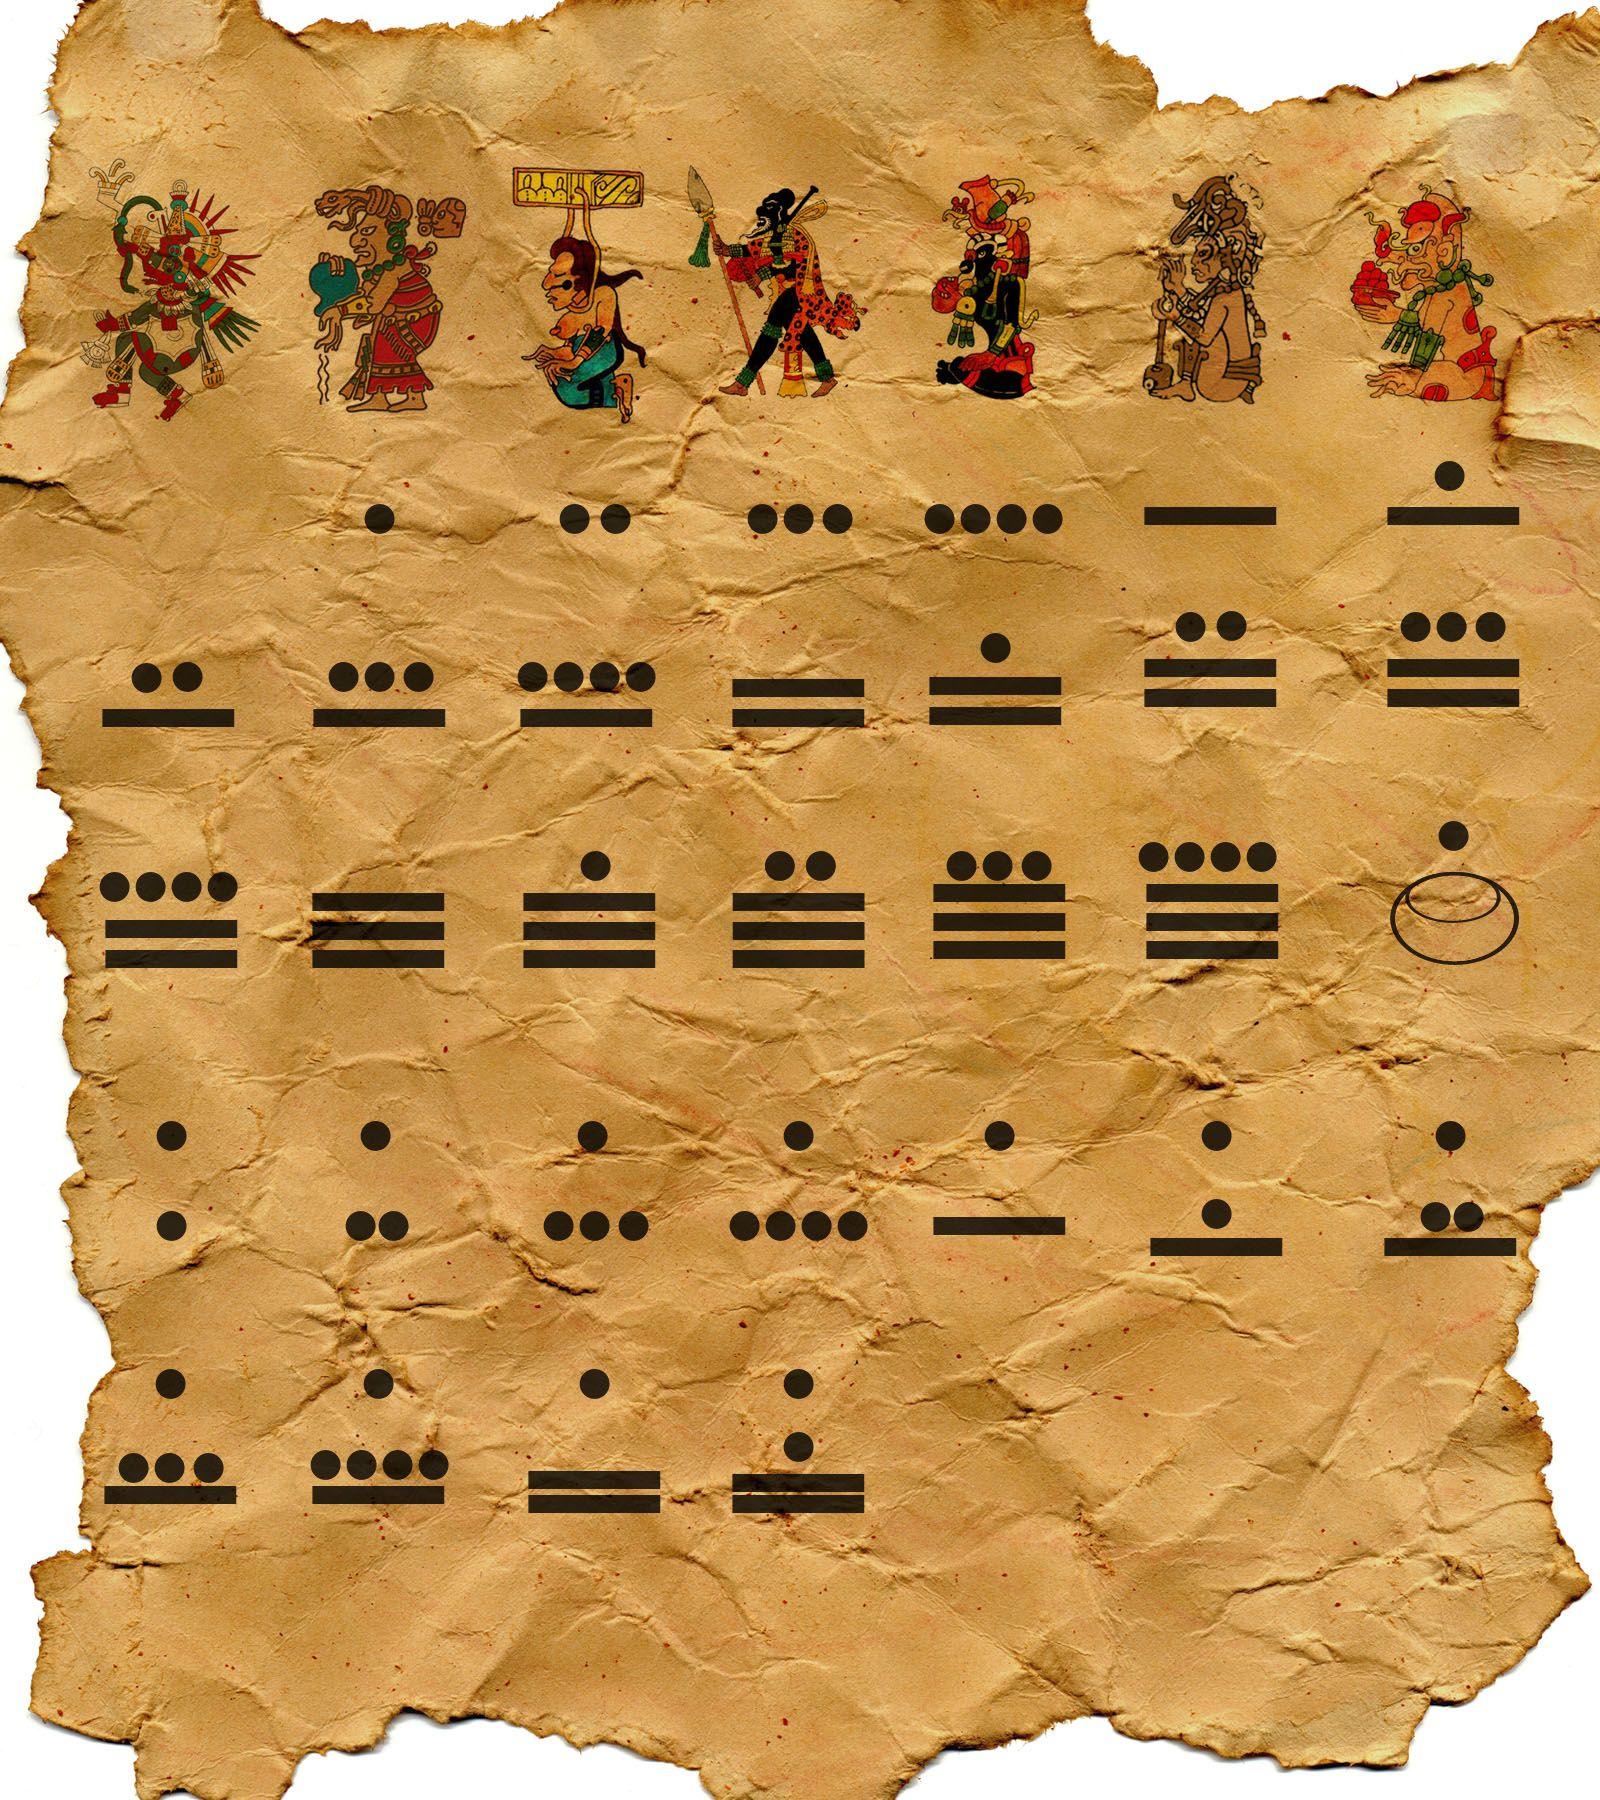 Calendario Maya Propuesta Esta Propuesta Maneja Simbolos